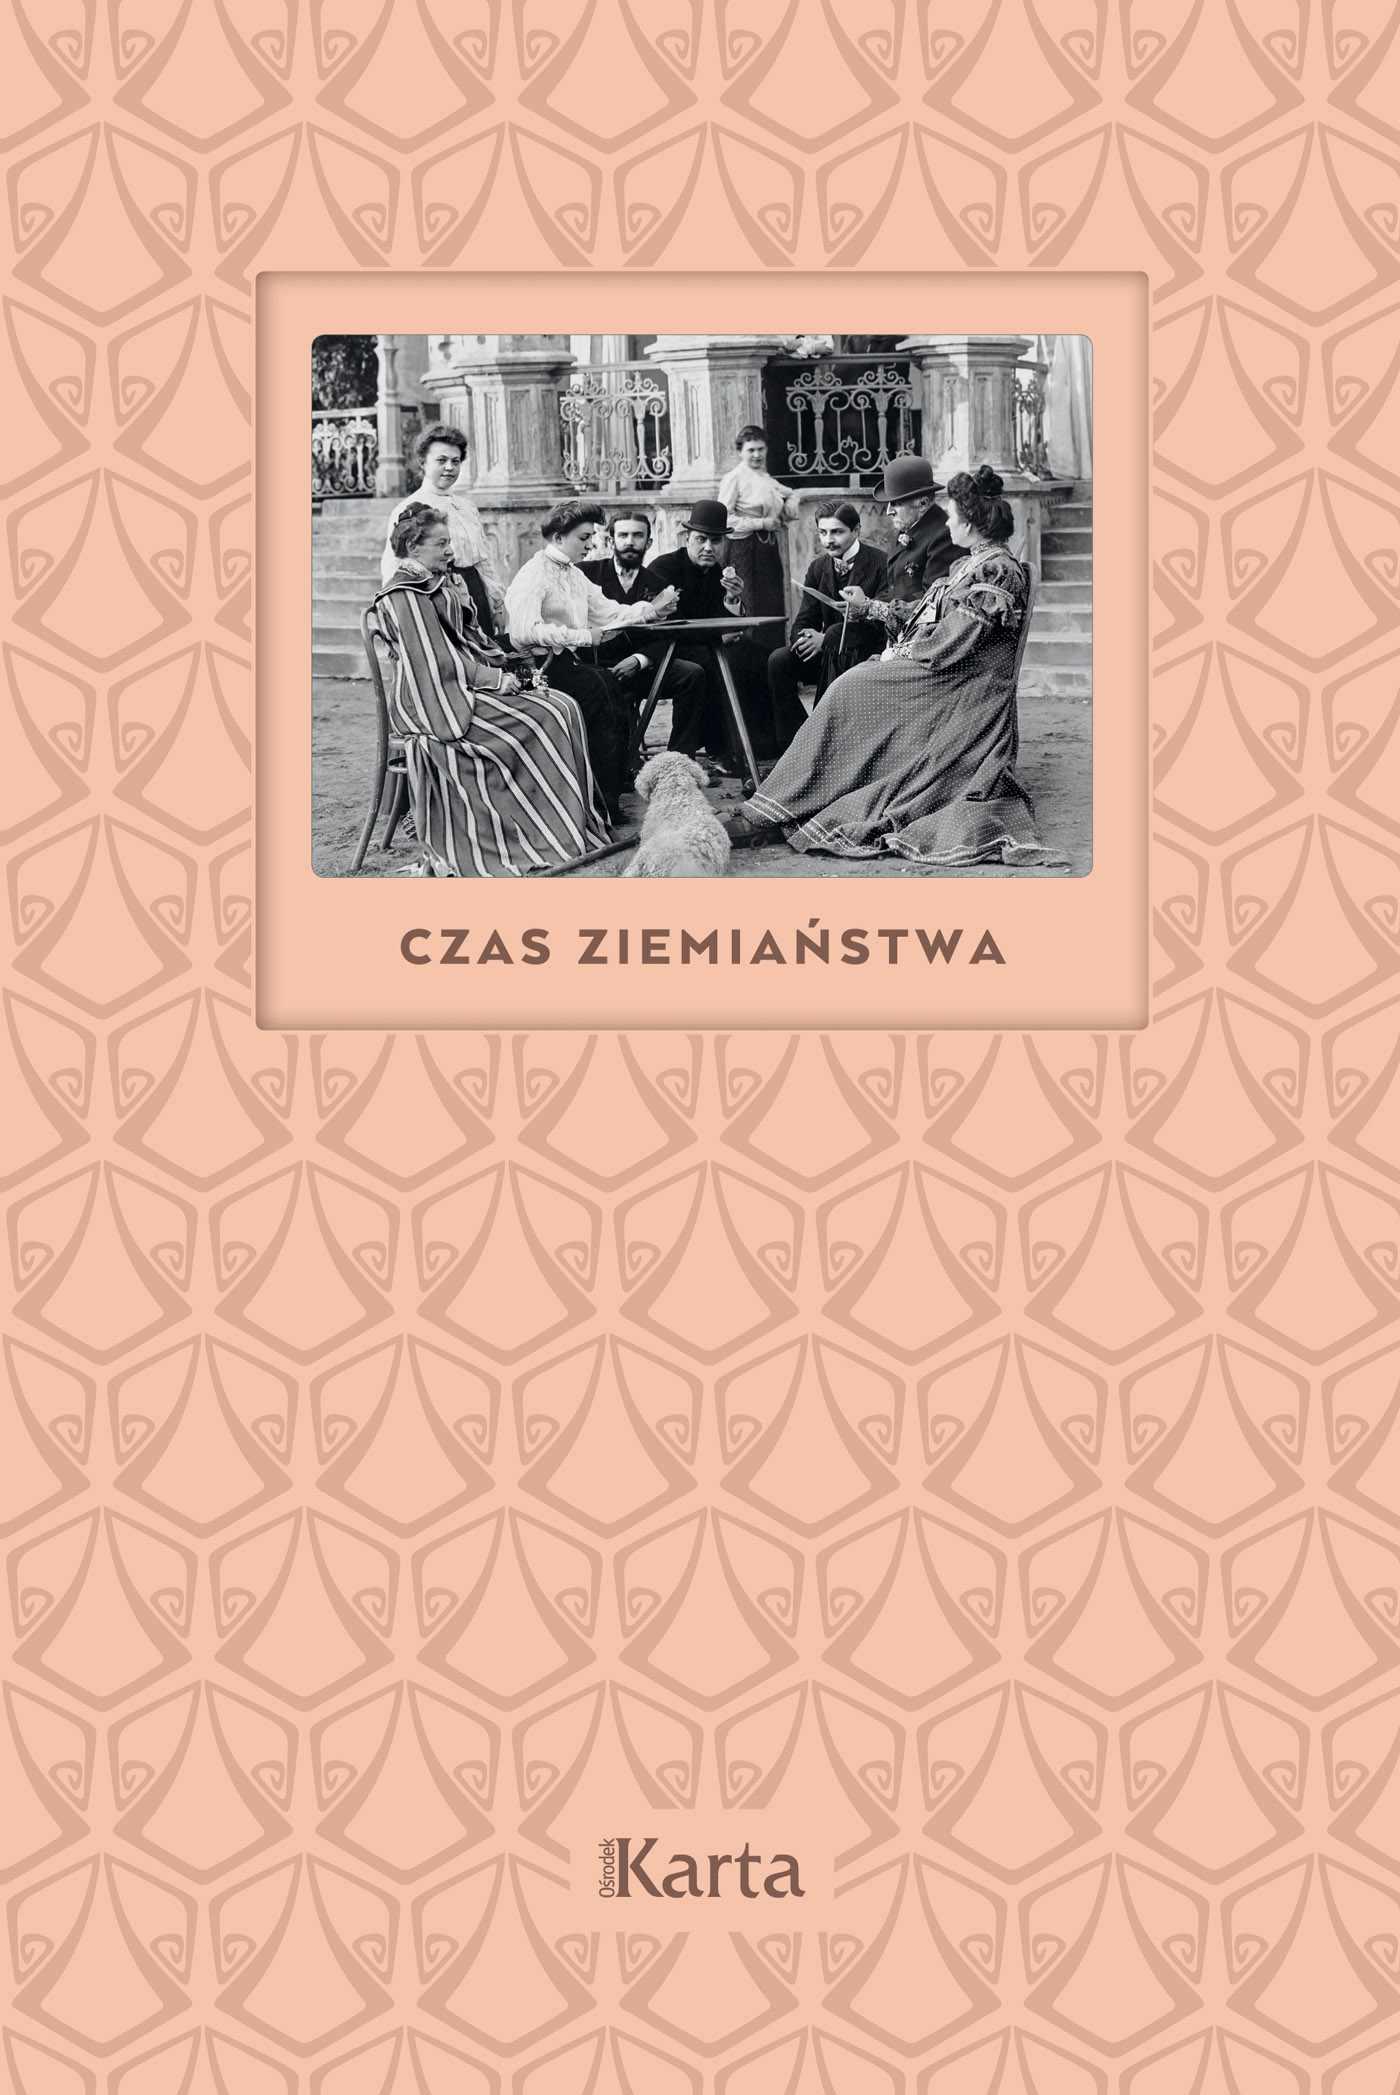 Czas ziemiaństwa. Koniec XIX wieku – 1945 - Ebook (Książka EPUB) do pobrania w formacie EPUB